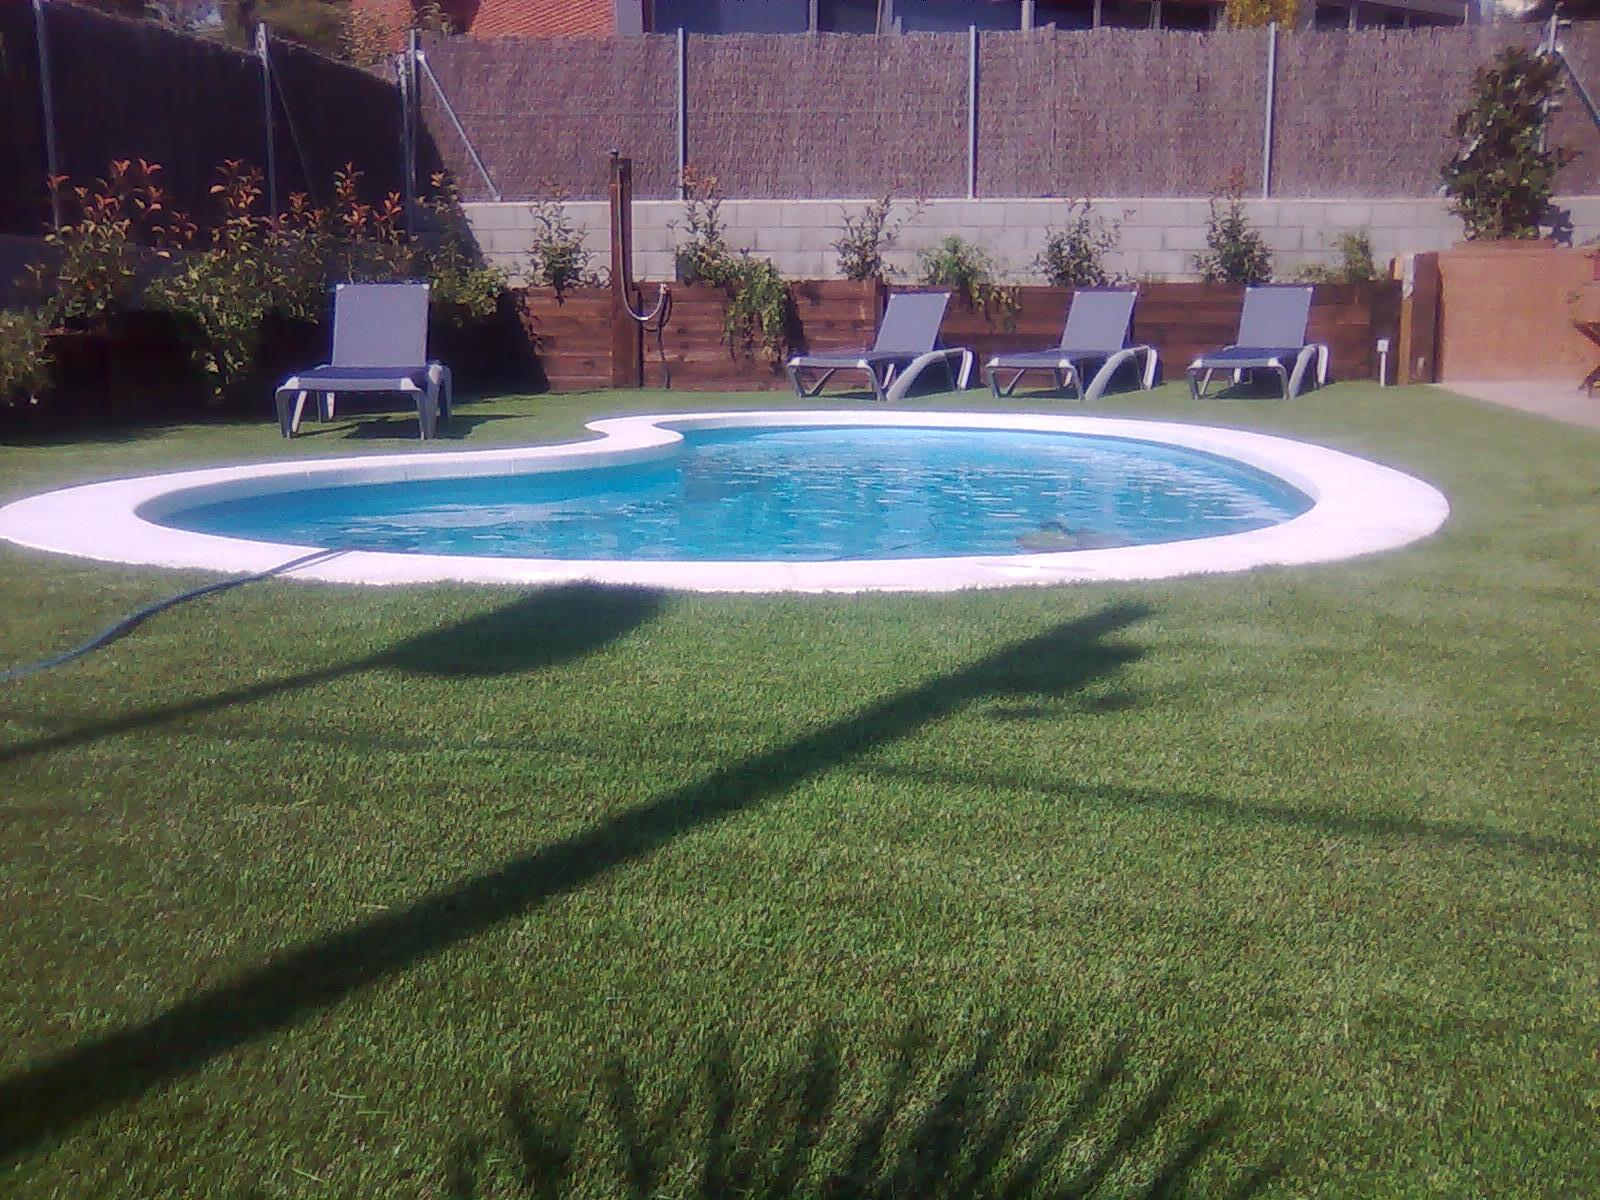 Jardineria paisajes dise o y construccion de jardines - Paisajes y jardines ...